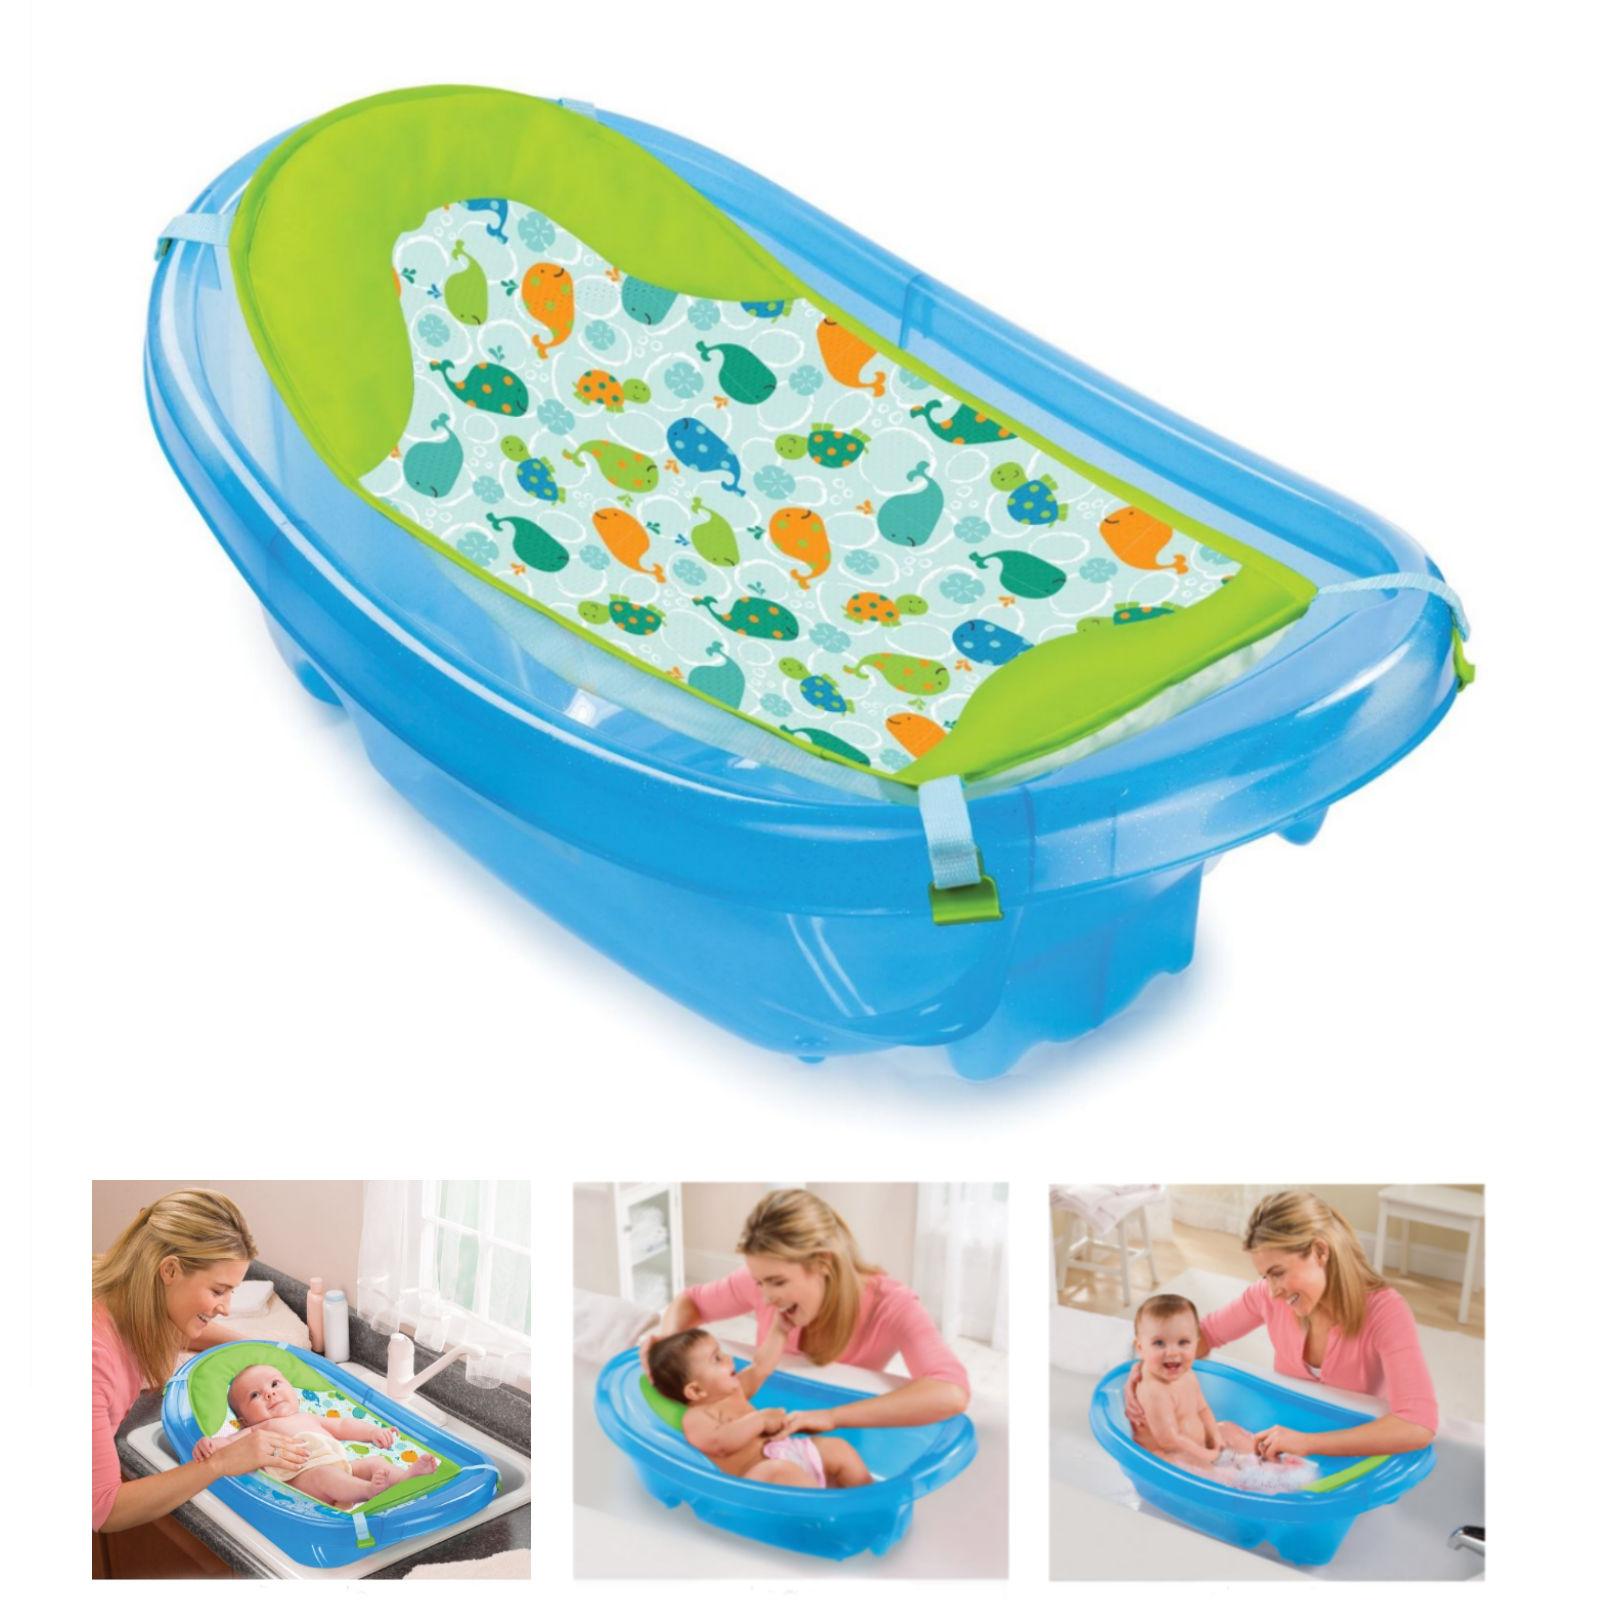 Summer Infant Sparkle \'n Splash Bath Tub - Blue   Buy at Online4baby